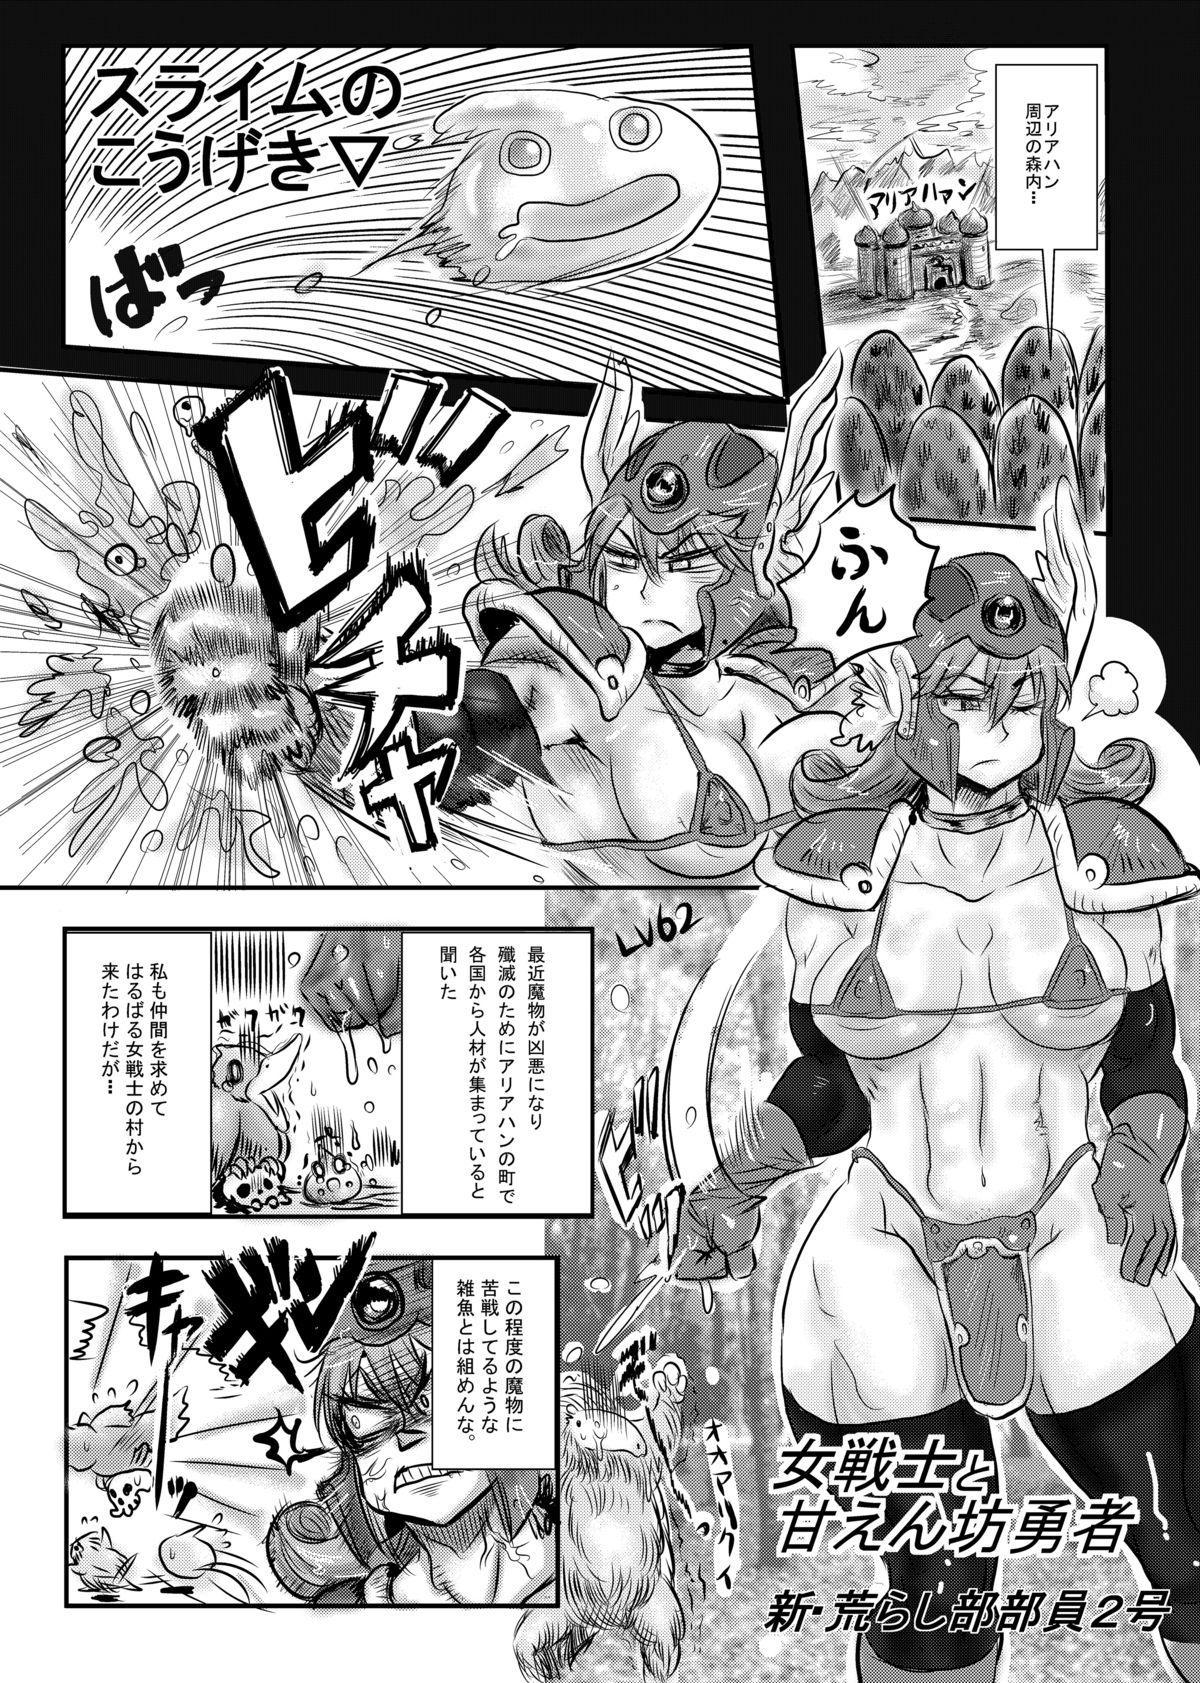 Zettai ni Zenmetsushite wa Ikenai DraQue 43